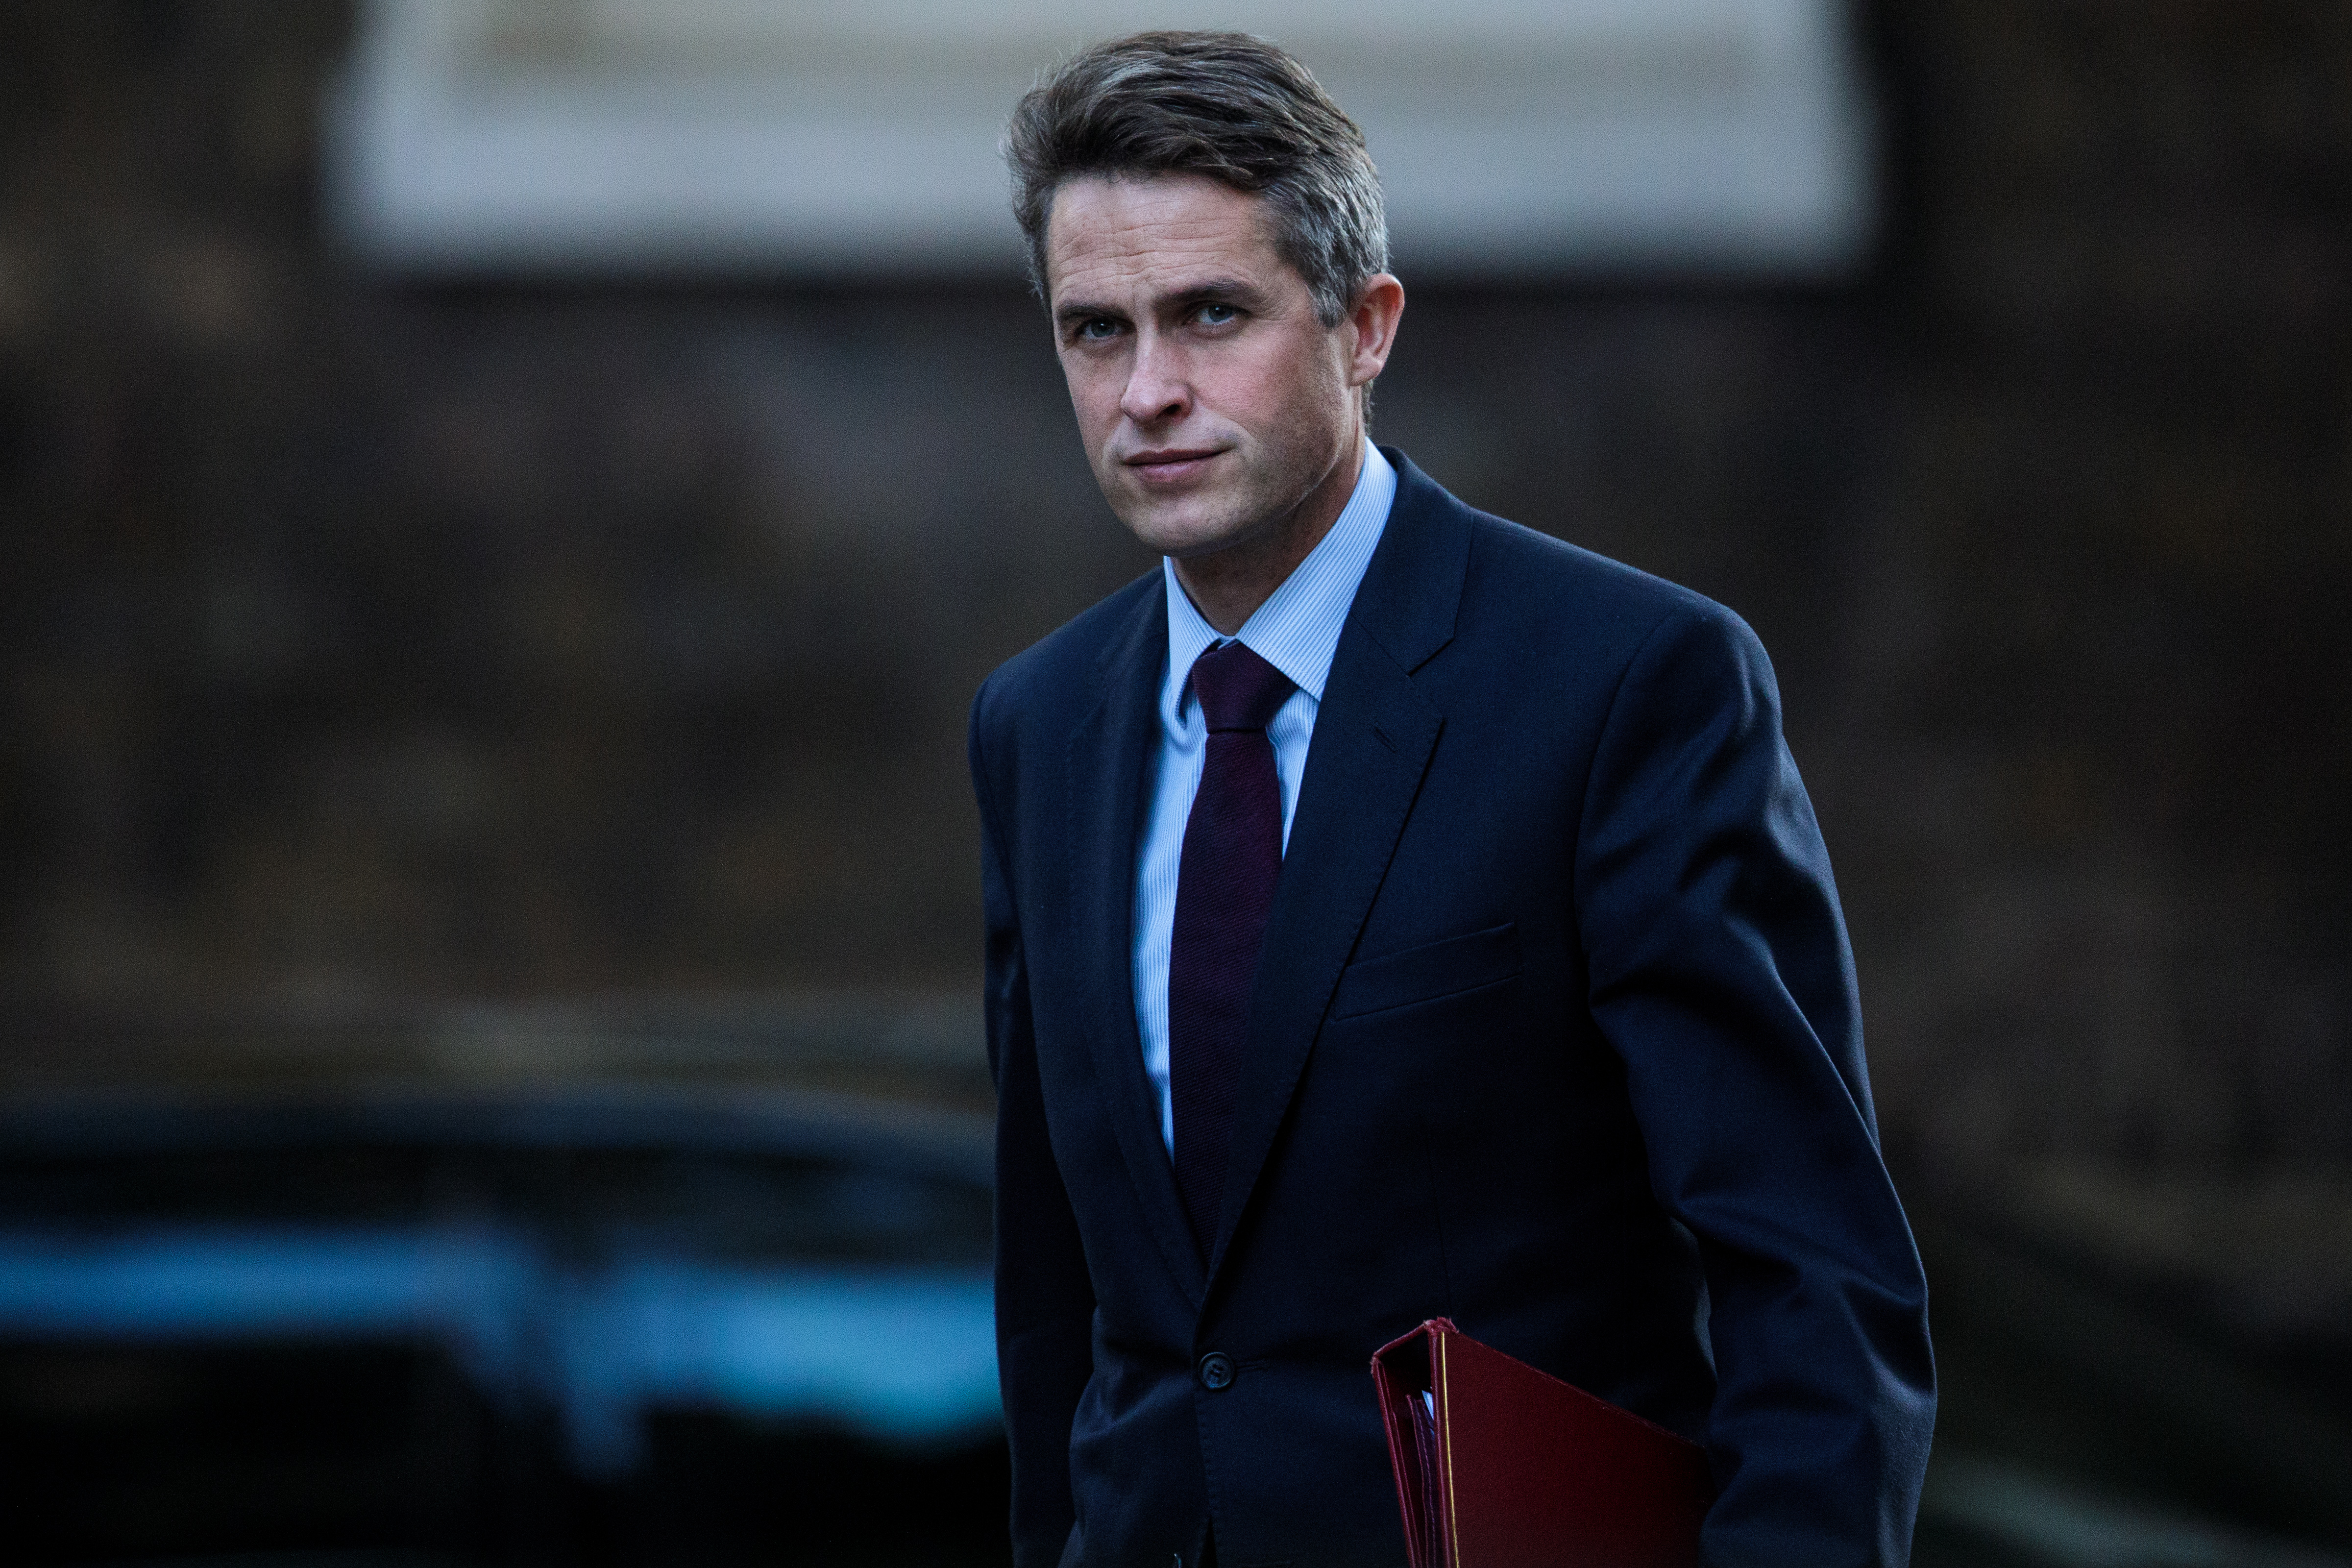 「我對華為在英國提供5G網絡(技術)表示嚴重的、非常深切的擔憂。這是我們必須非常密切關注的事情。」 威廉姆森說。(Jack Taylor/Getty Images)